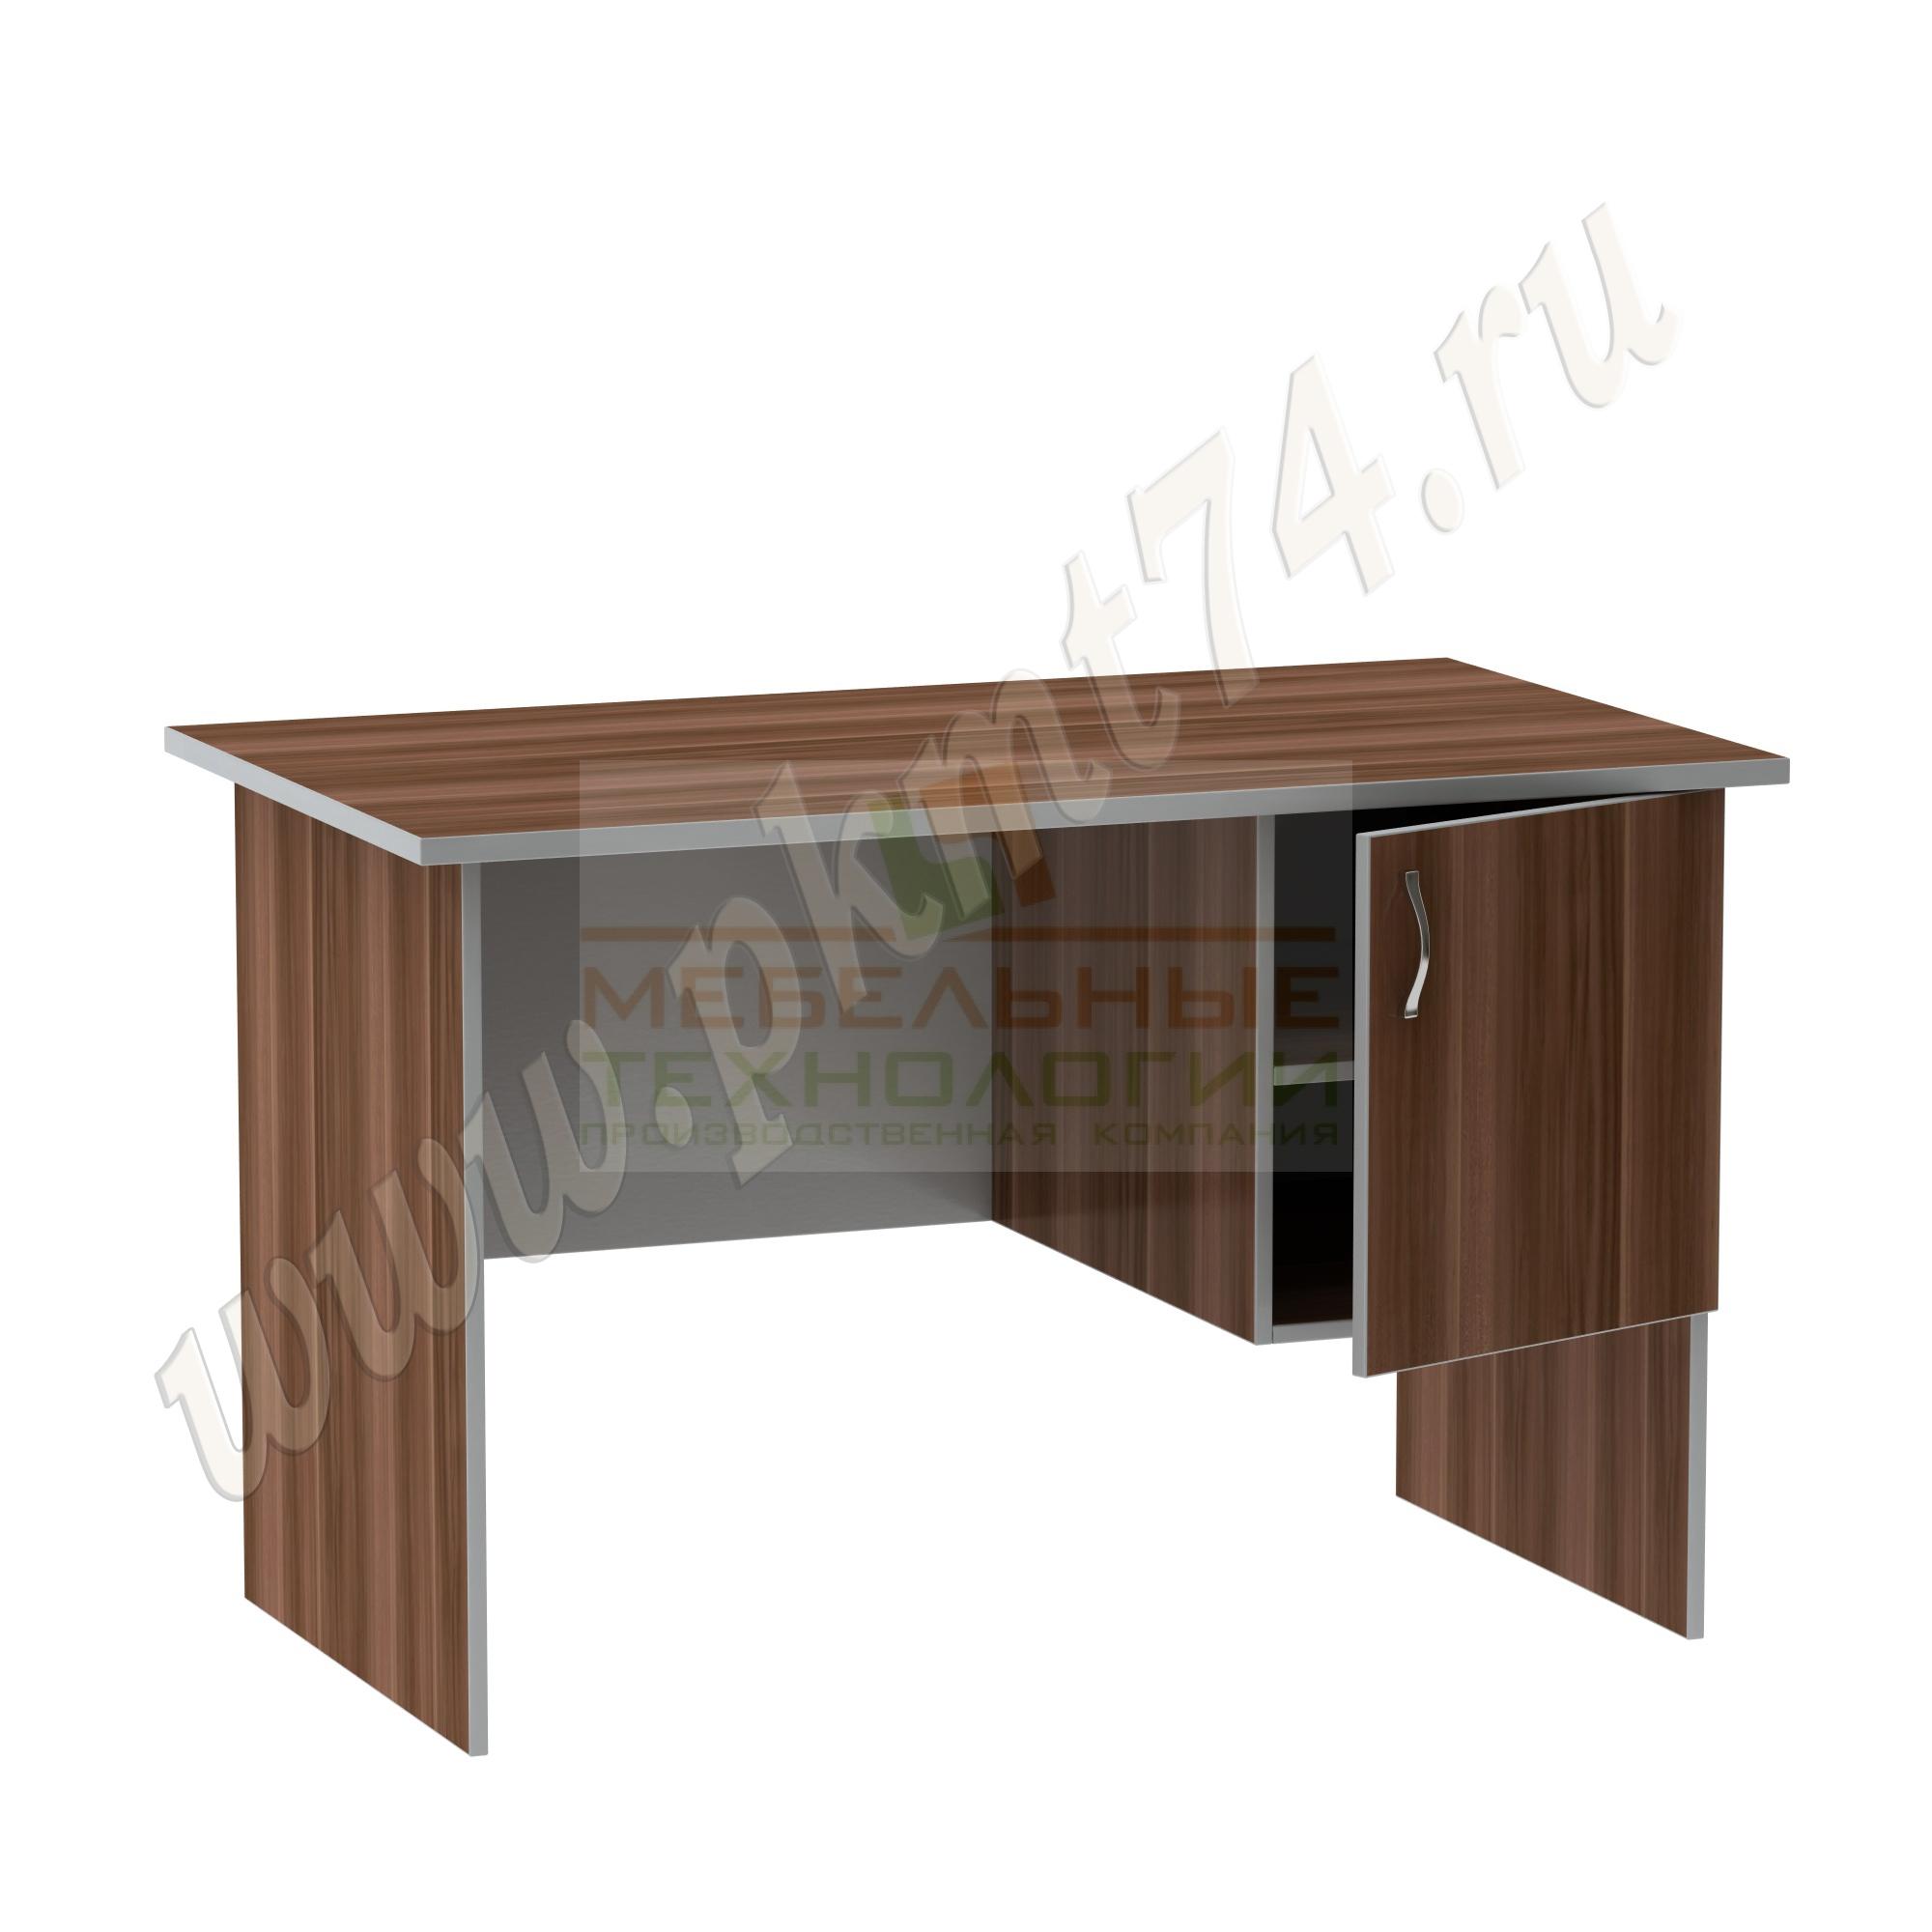 Стол однотумбовый офисный МТ 06-5 Слива-Алюминий